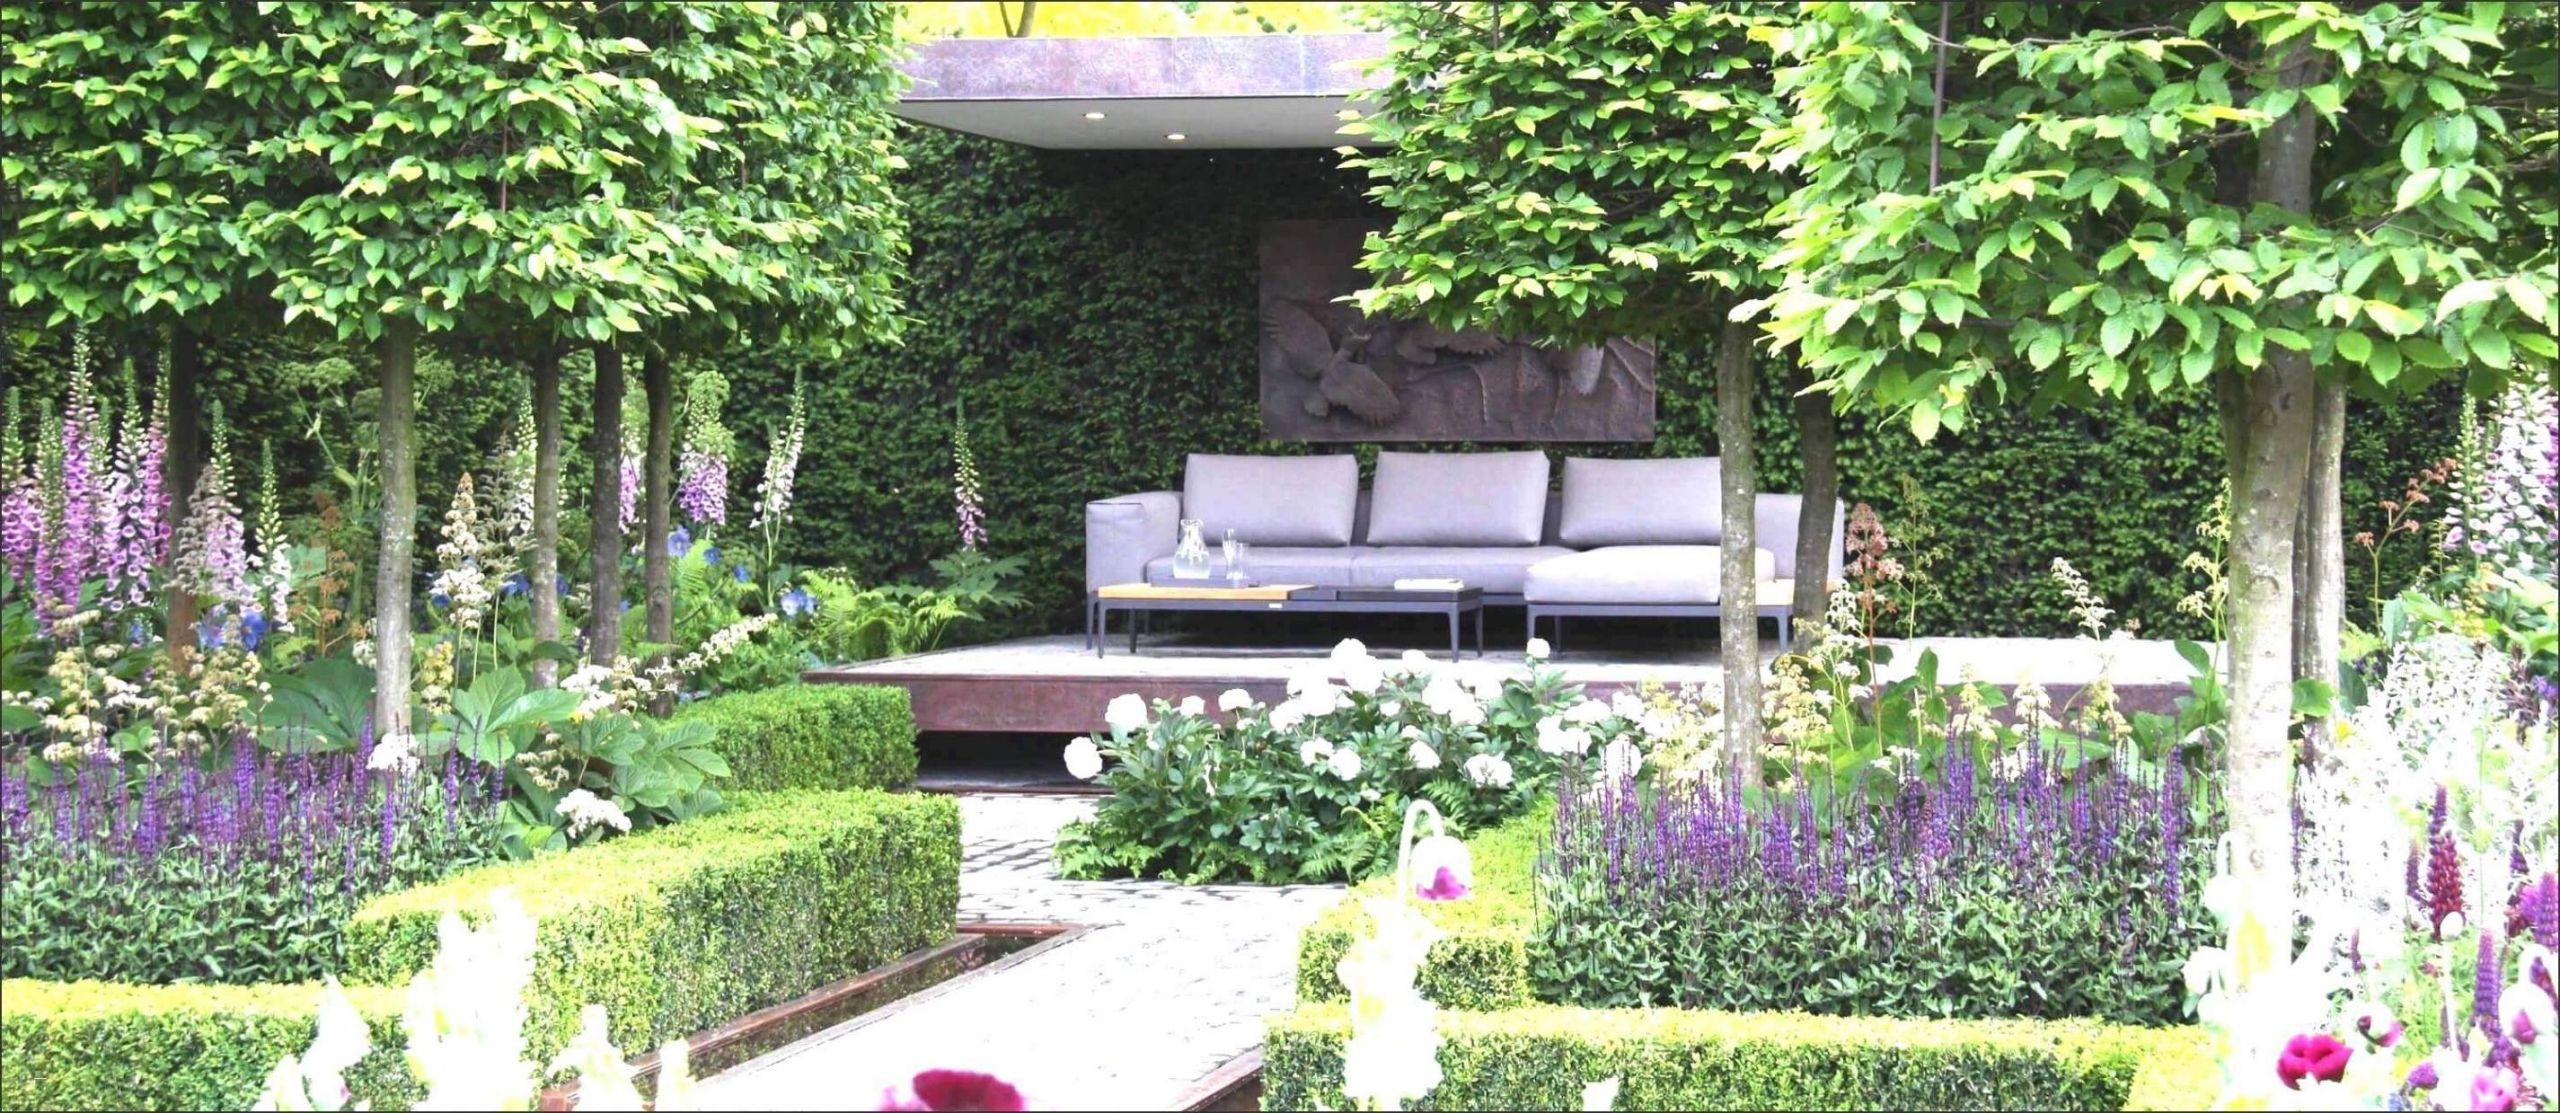 Tag Der Offenen Gärten Elegant Kleine Gärten Gestalten Reihenhaus — Temobardz Home Blog